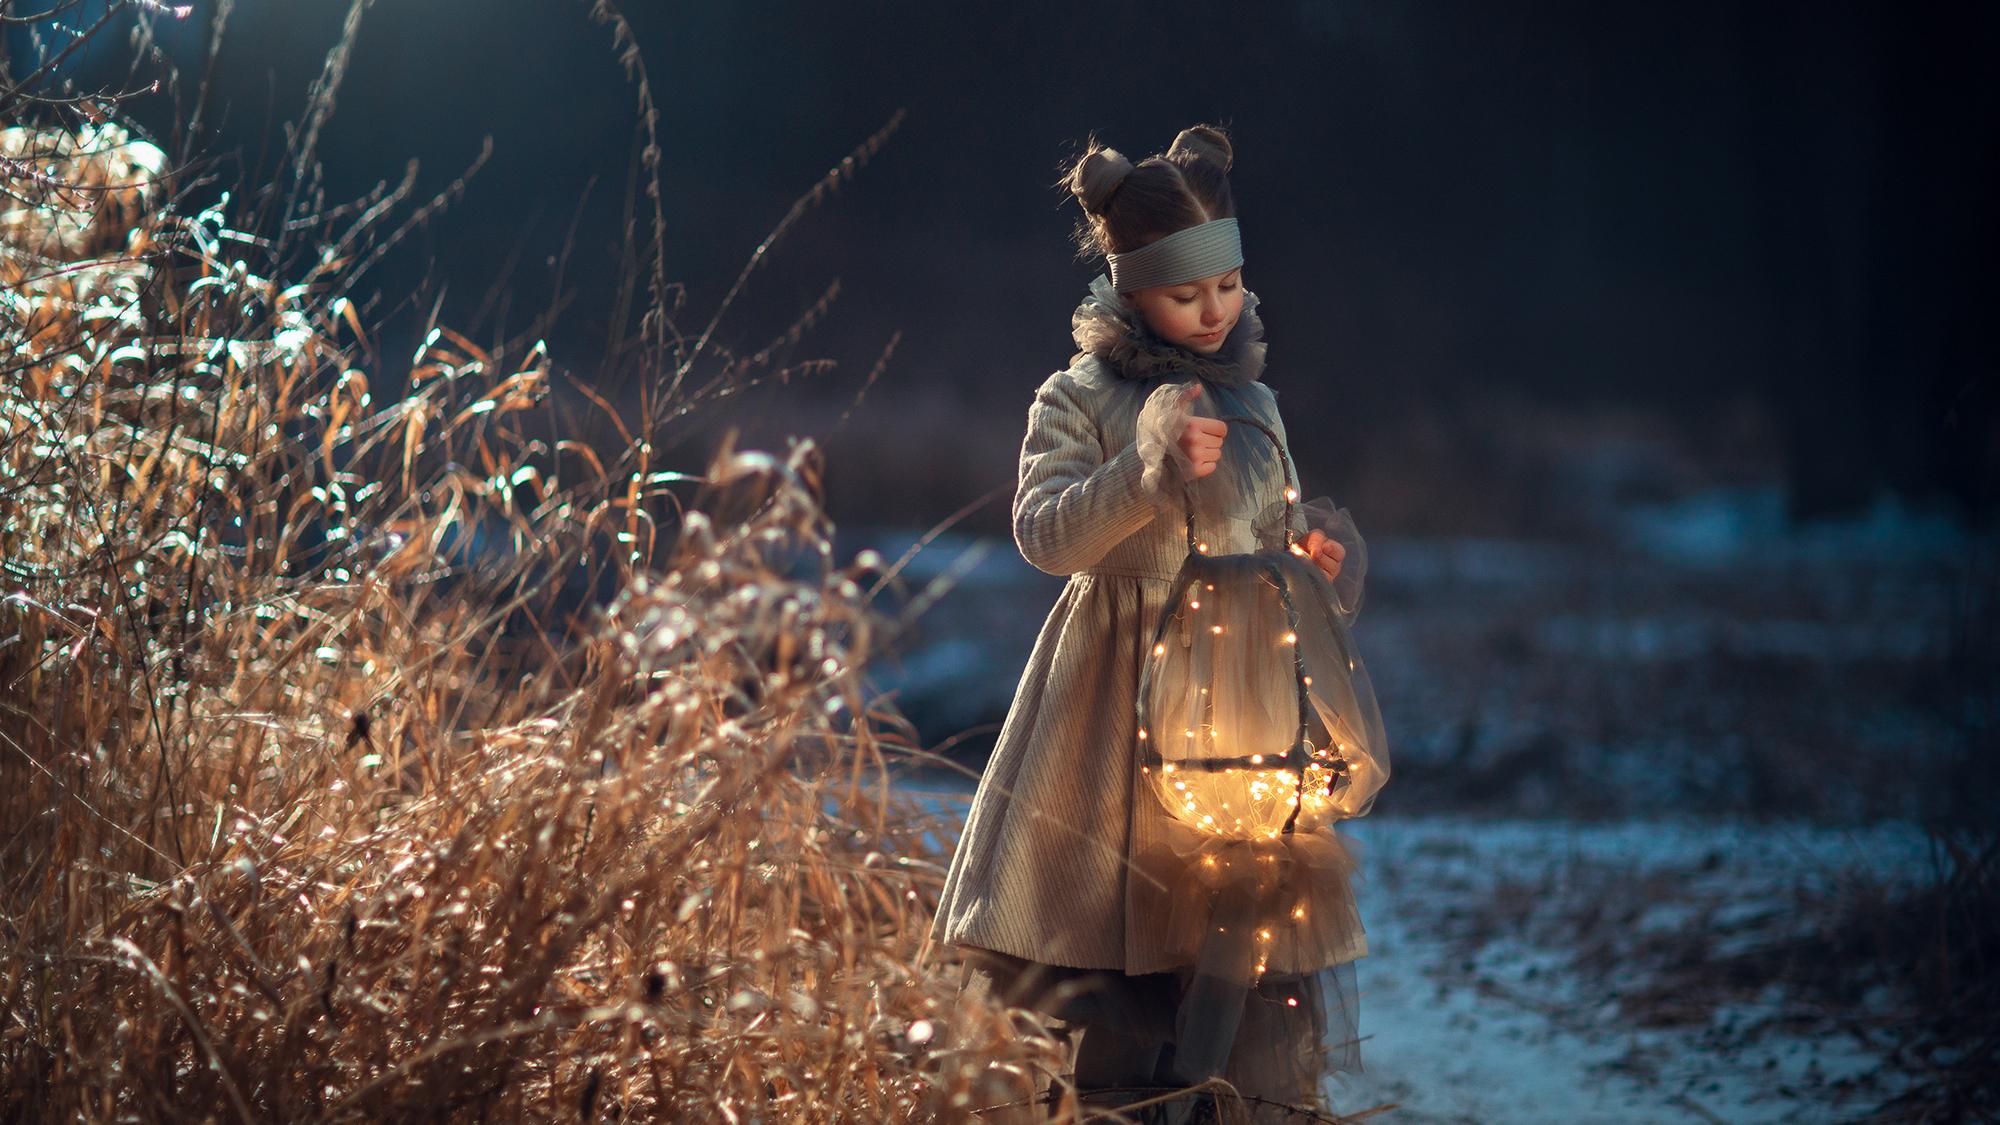 Вечерняя фотосессия для девочки в Москве. Детский и семейный фотограф Катрин Белоцерковская